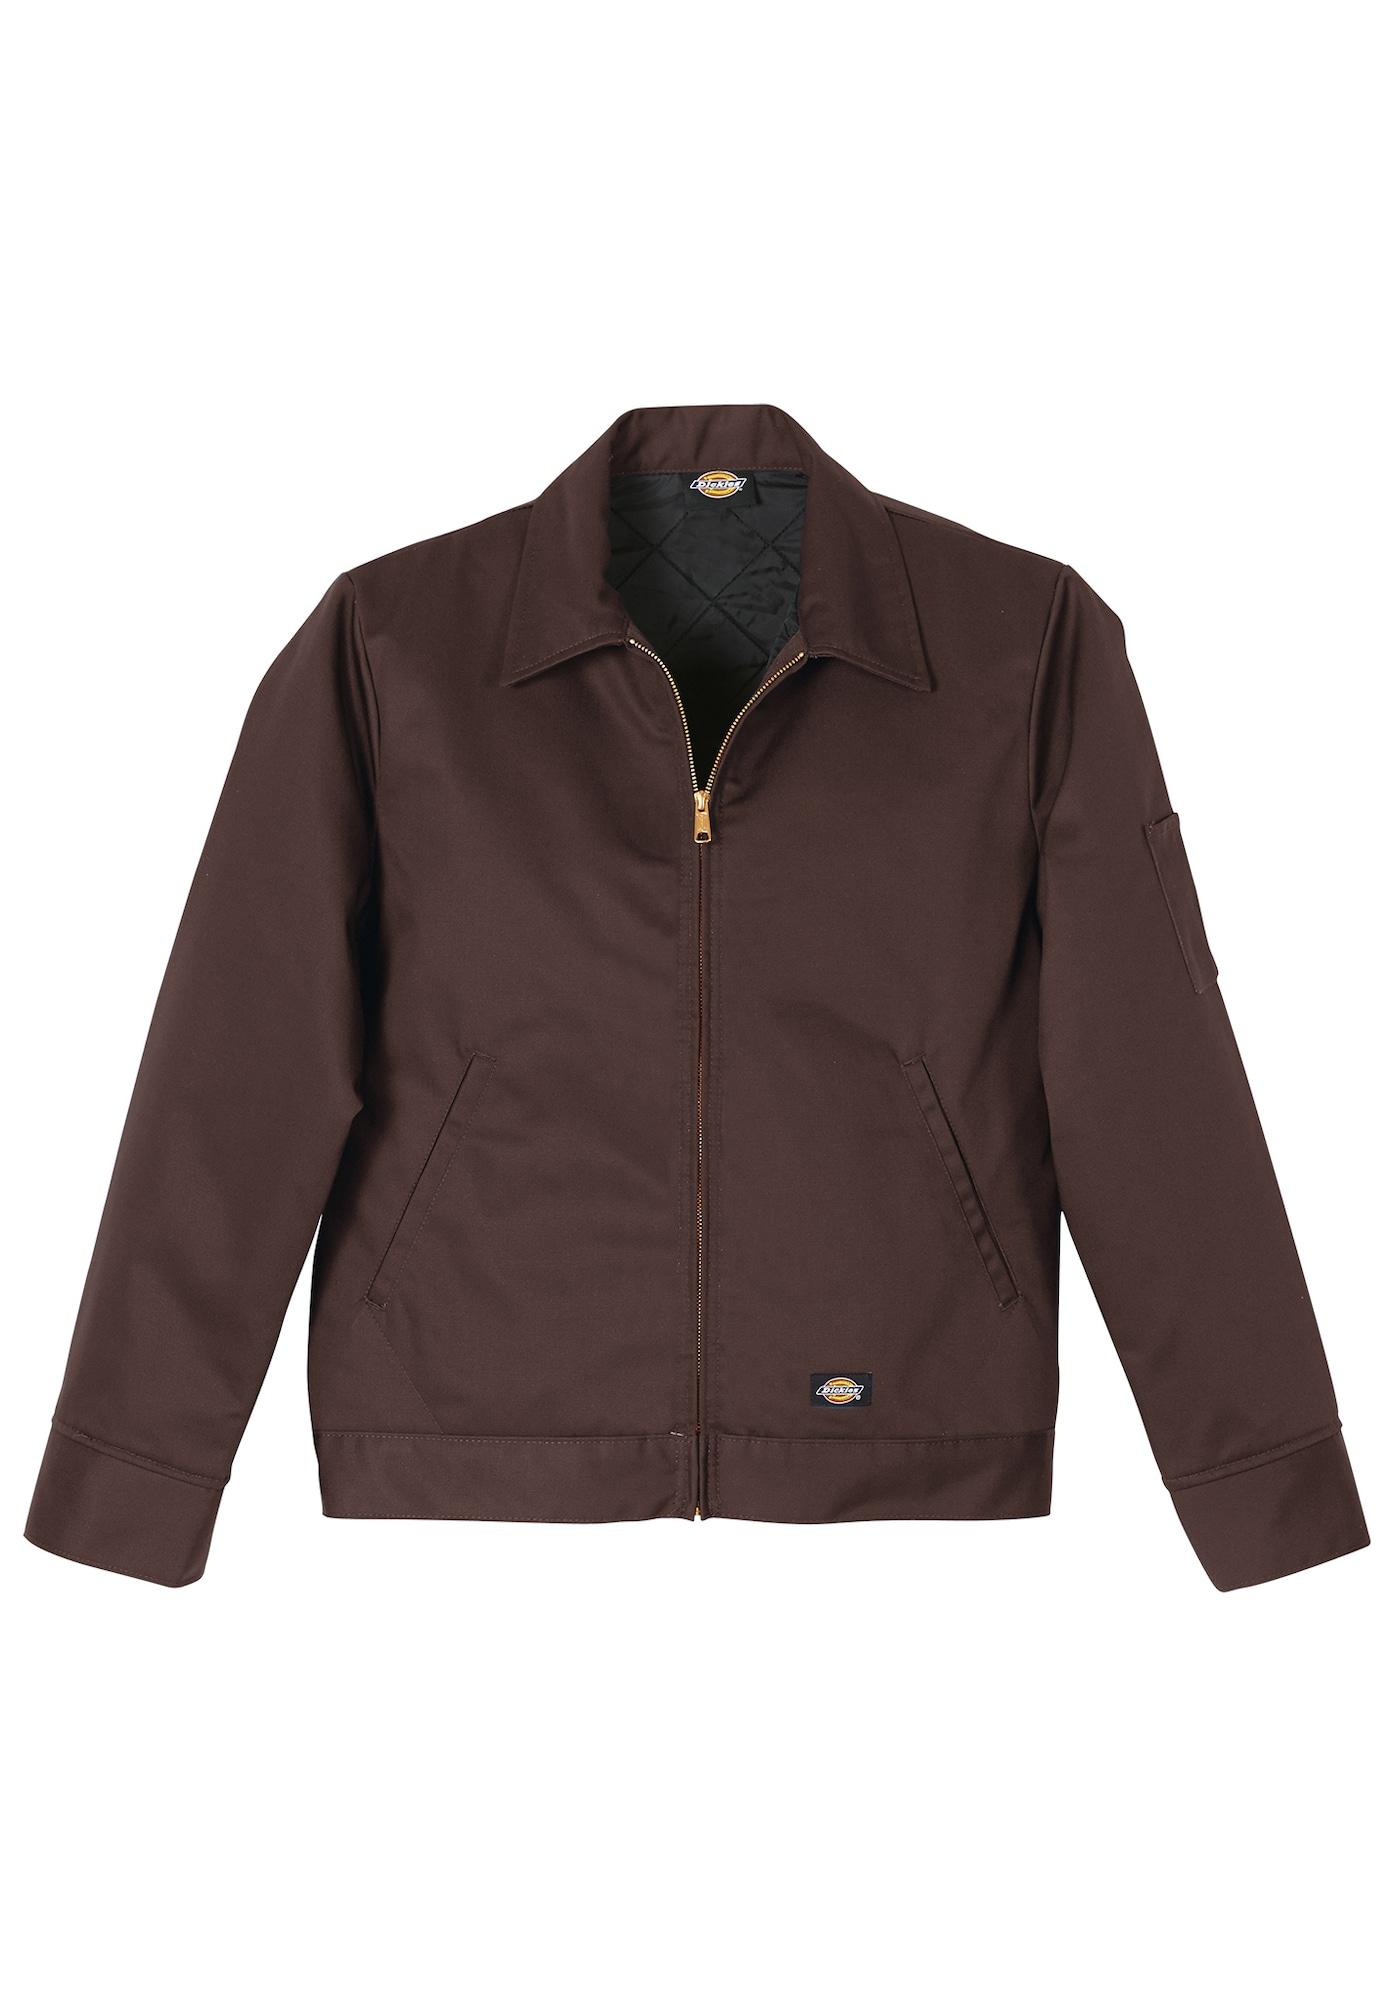 3d8734e7e86c9d Herren Jacken online günstig kaufen über shop24.at